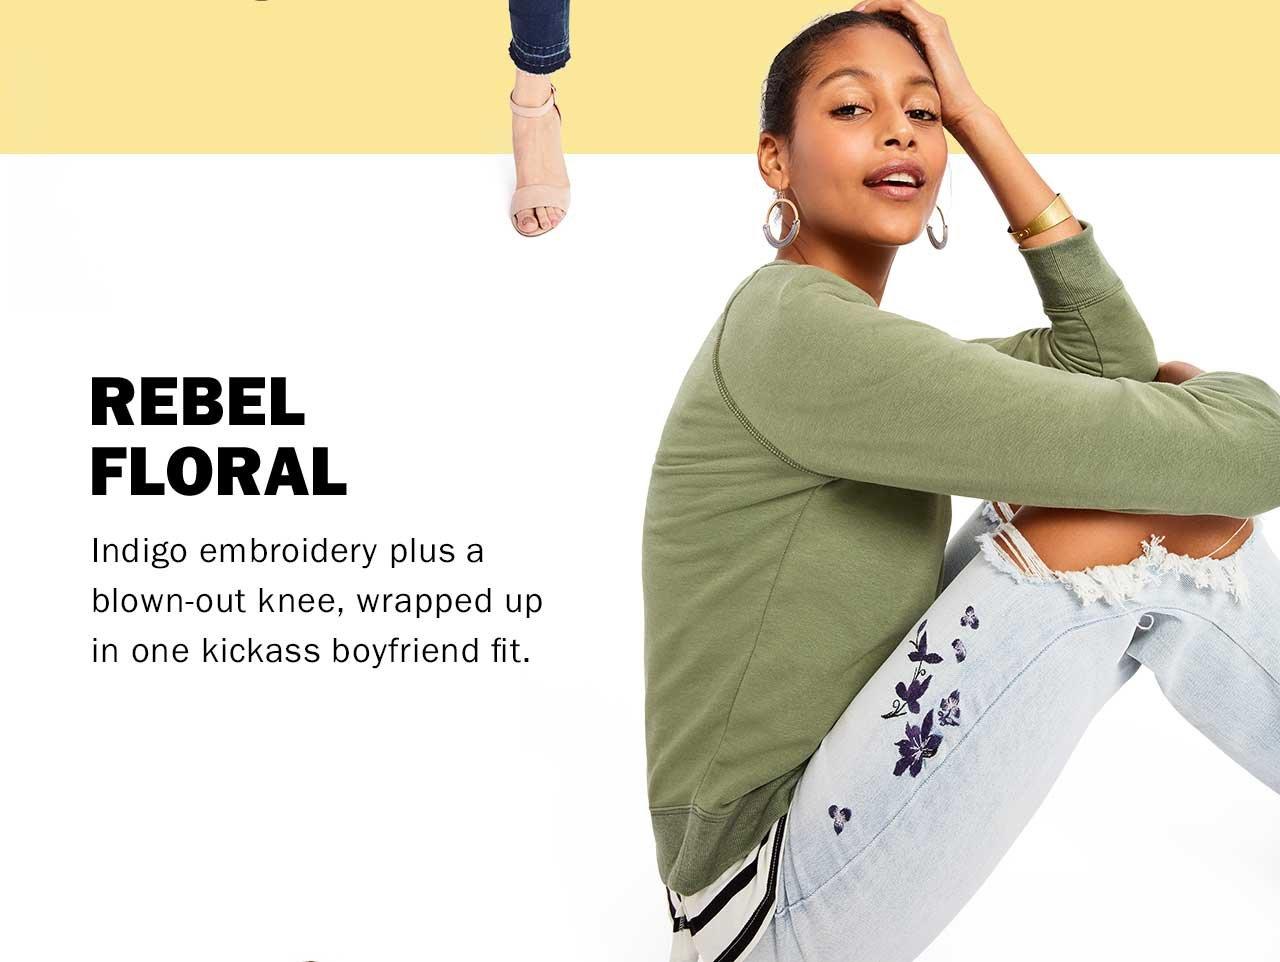 REBEL FLORAL